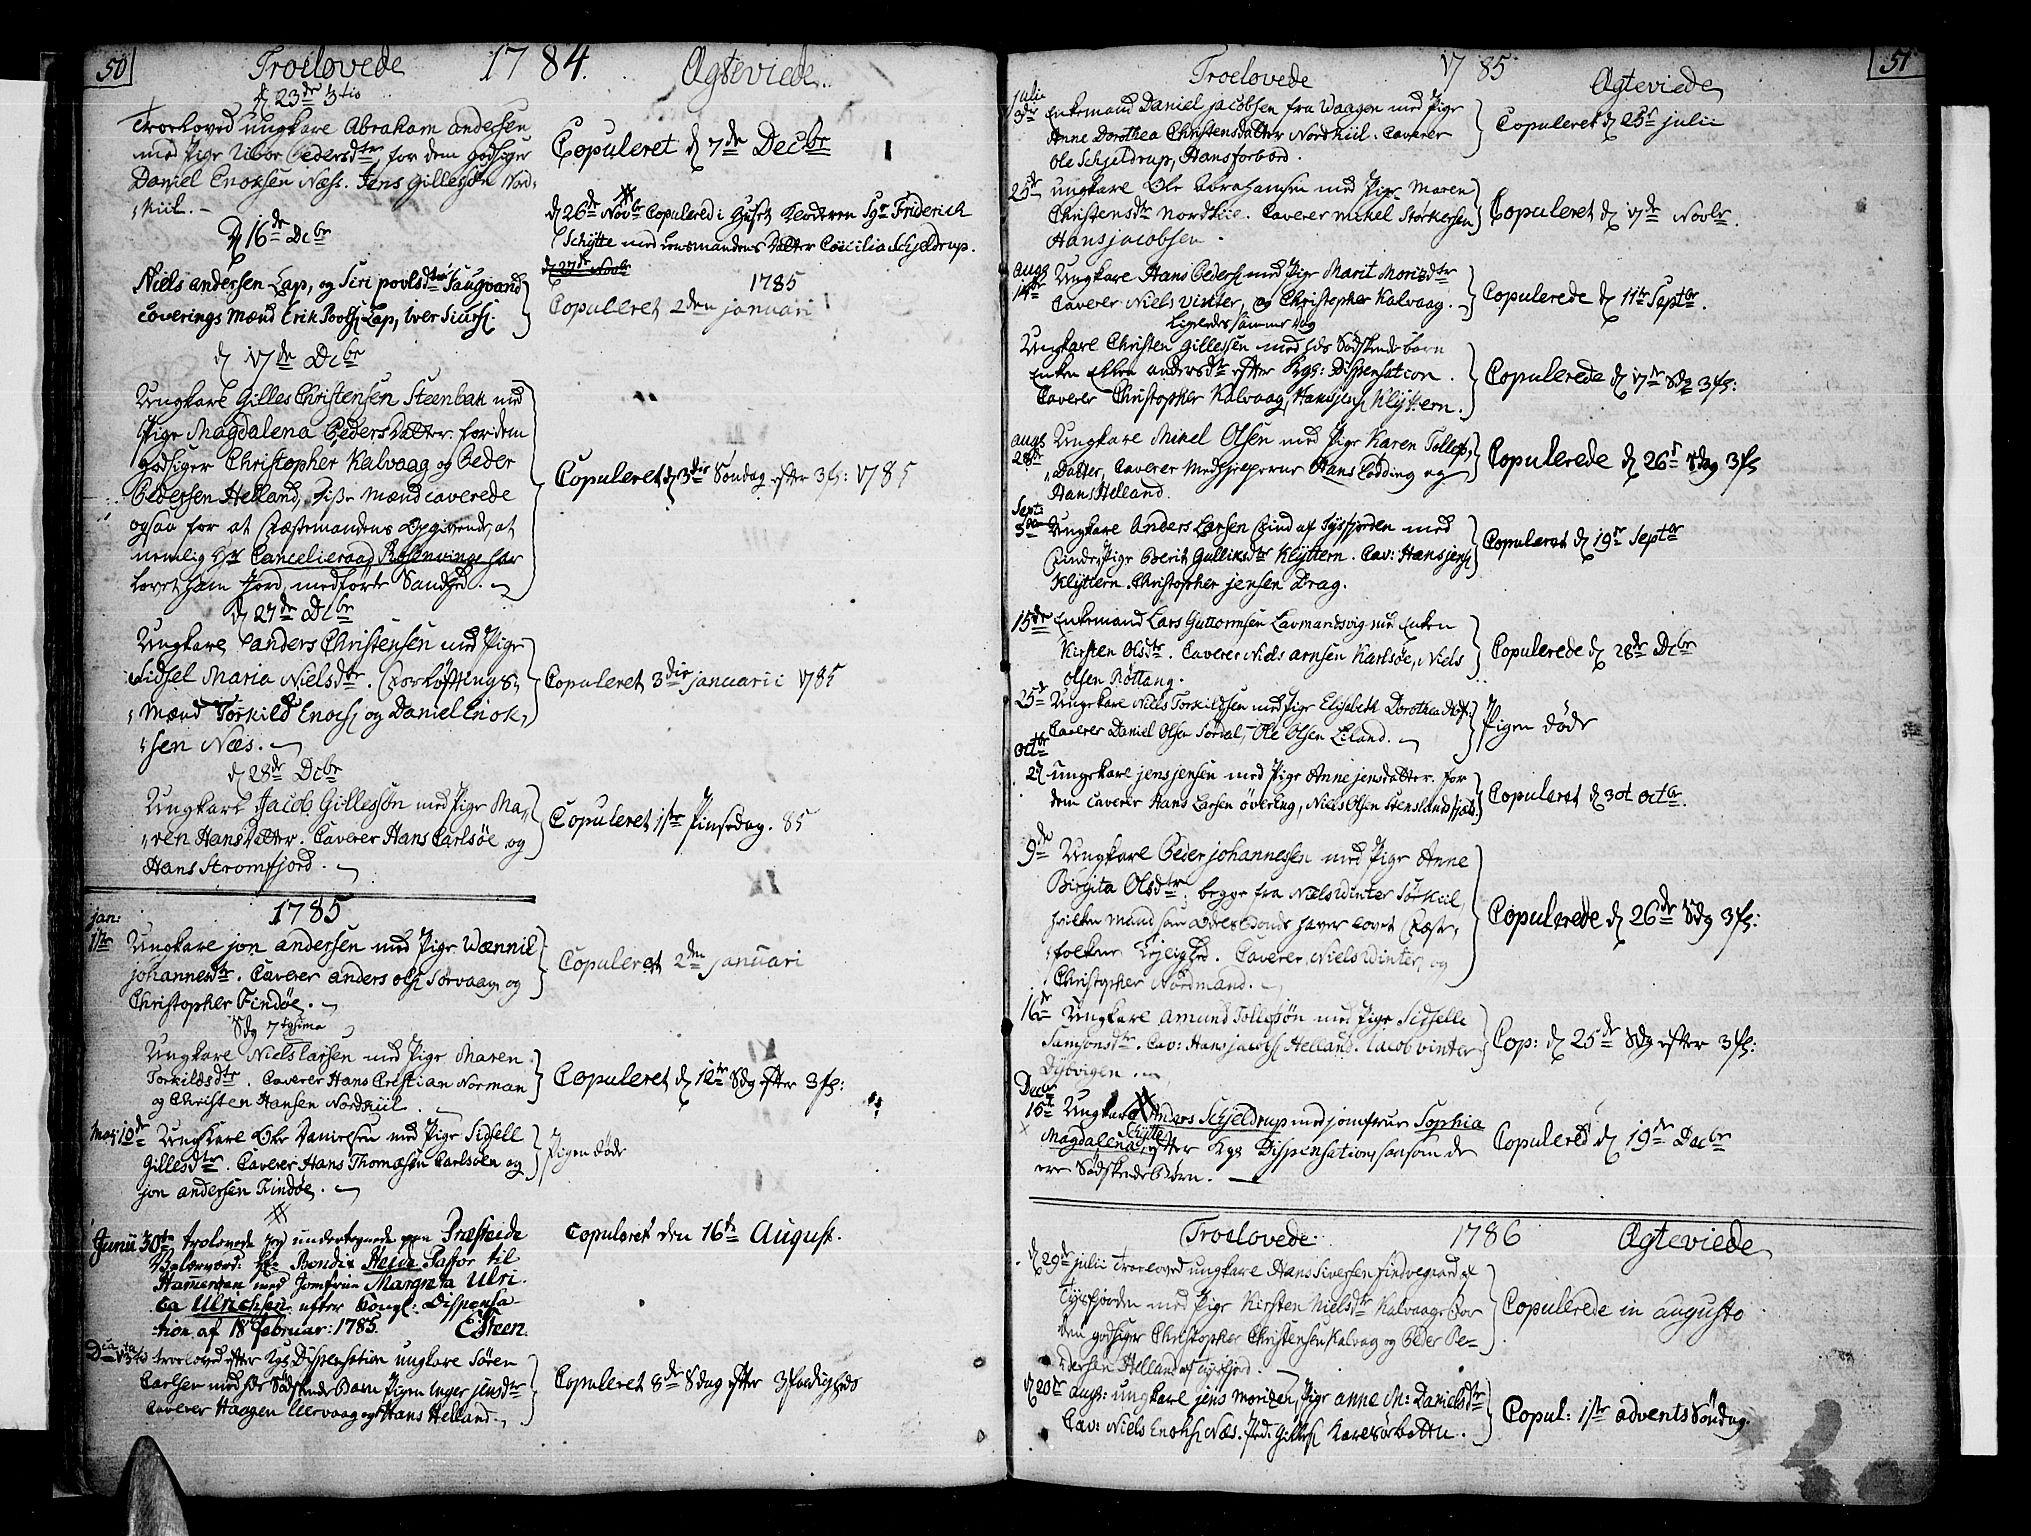 SAT, Ministerialprotokoller, klokkerbøker og fødselsregistre - Nordland, 859/L0841: Parish register (official) no. 859A01, 1766-1821, p. 50-51